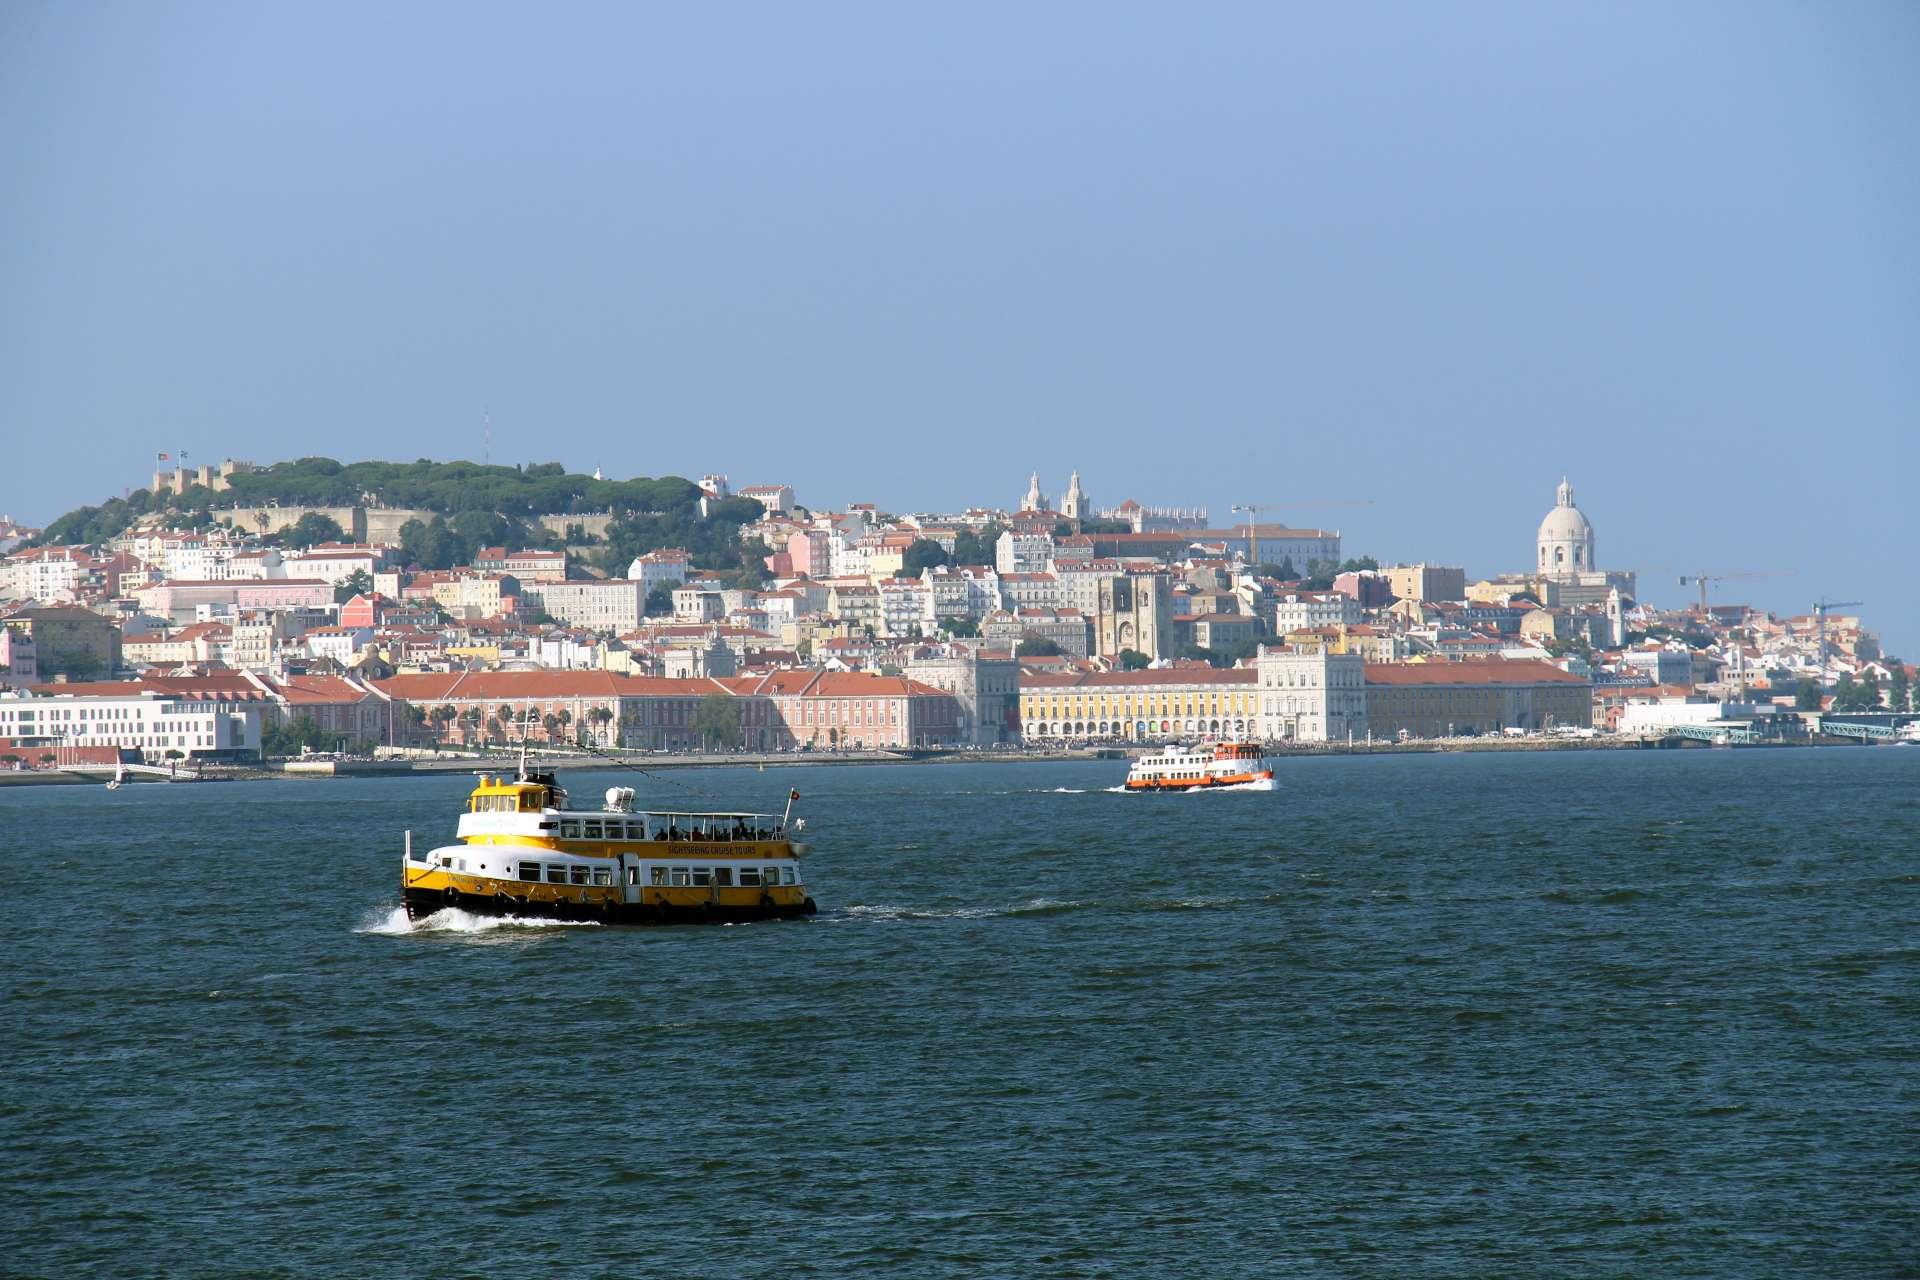 El Río Tajo con barcos surcando las aguas y Lisboa al otro lado.